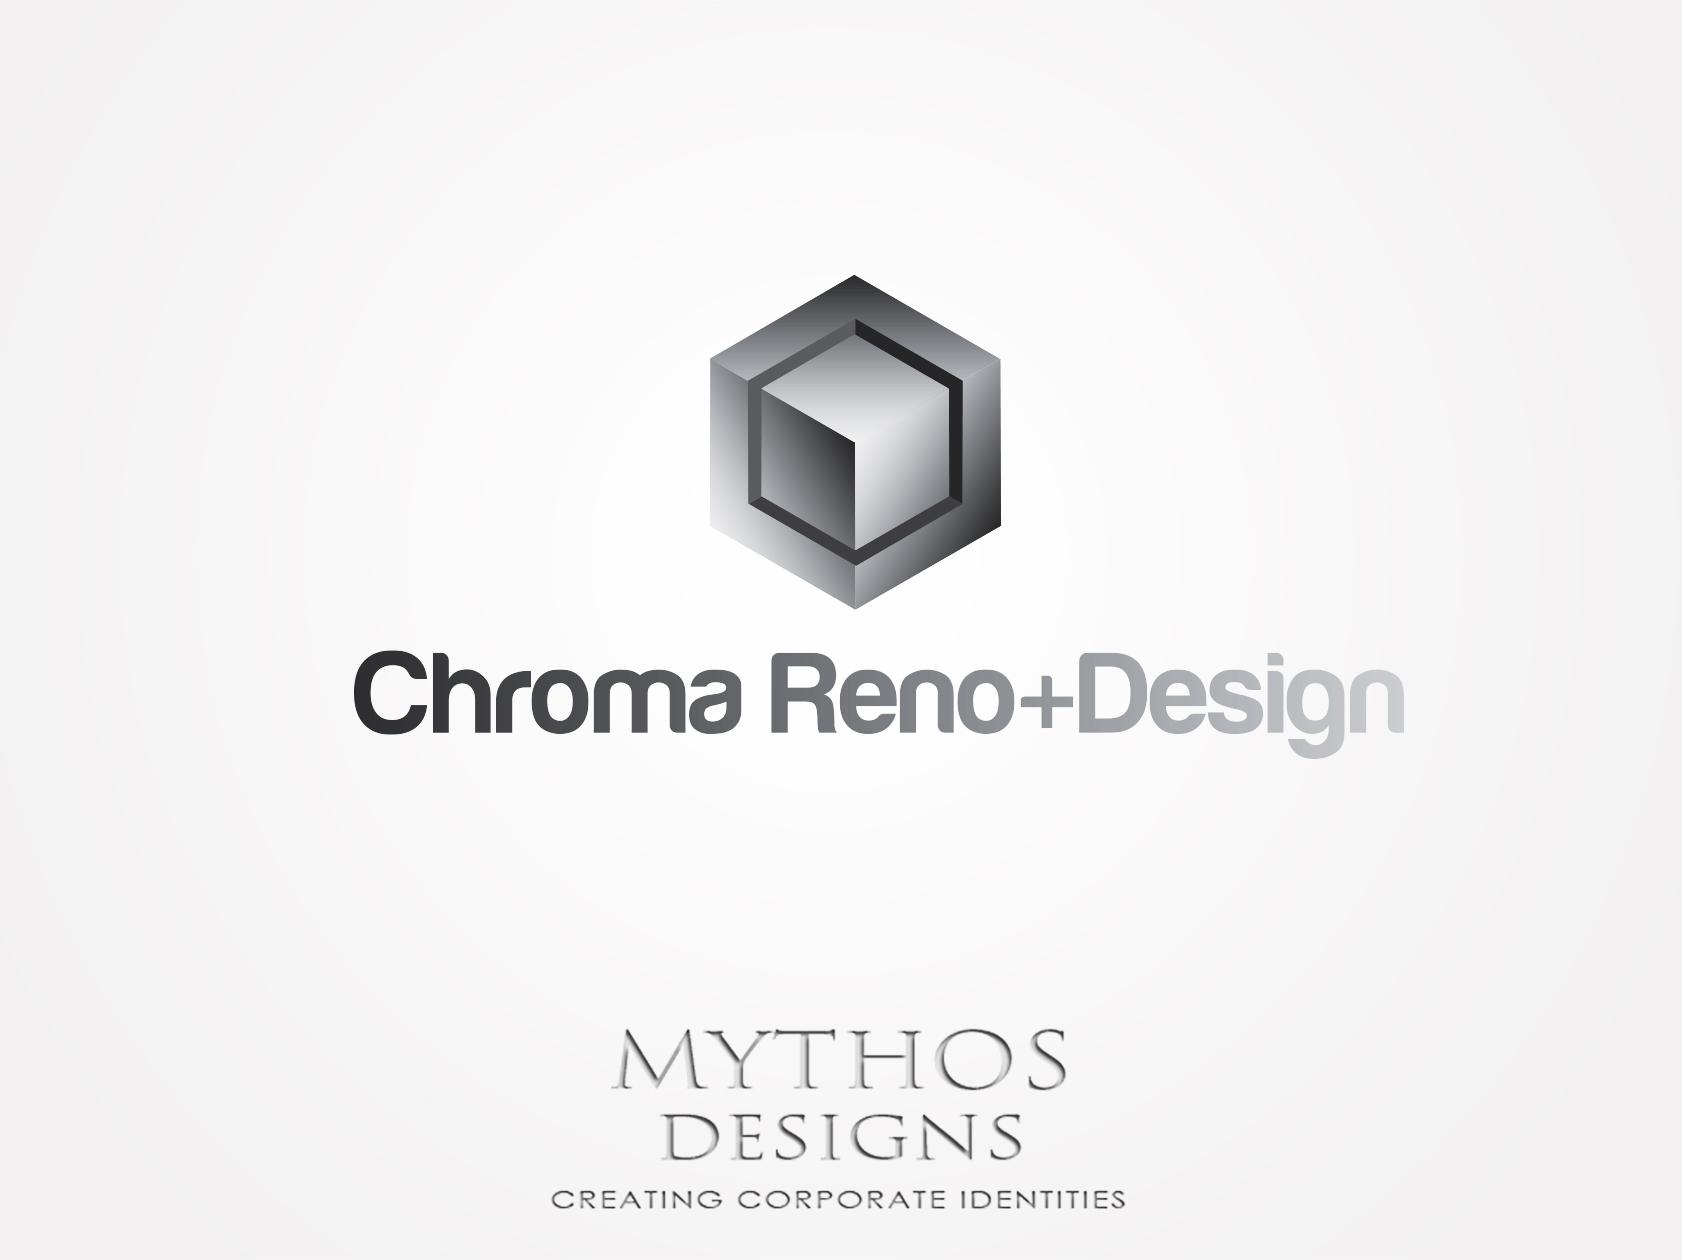 Logo Design by Mythos Designs - Entry No. 273 in the Logo Design Contest Inspiring Logo Design for Chroma Reno+Design.